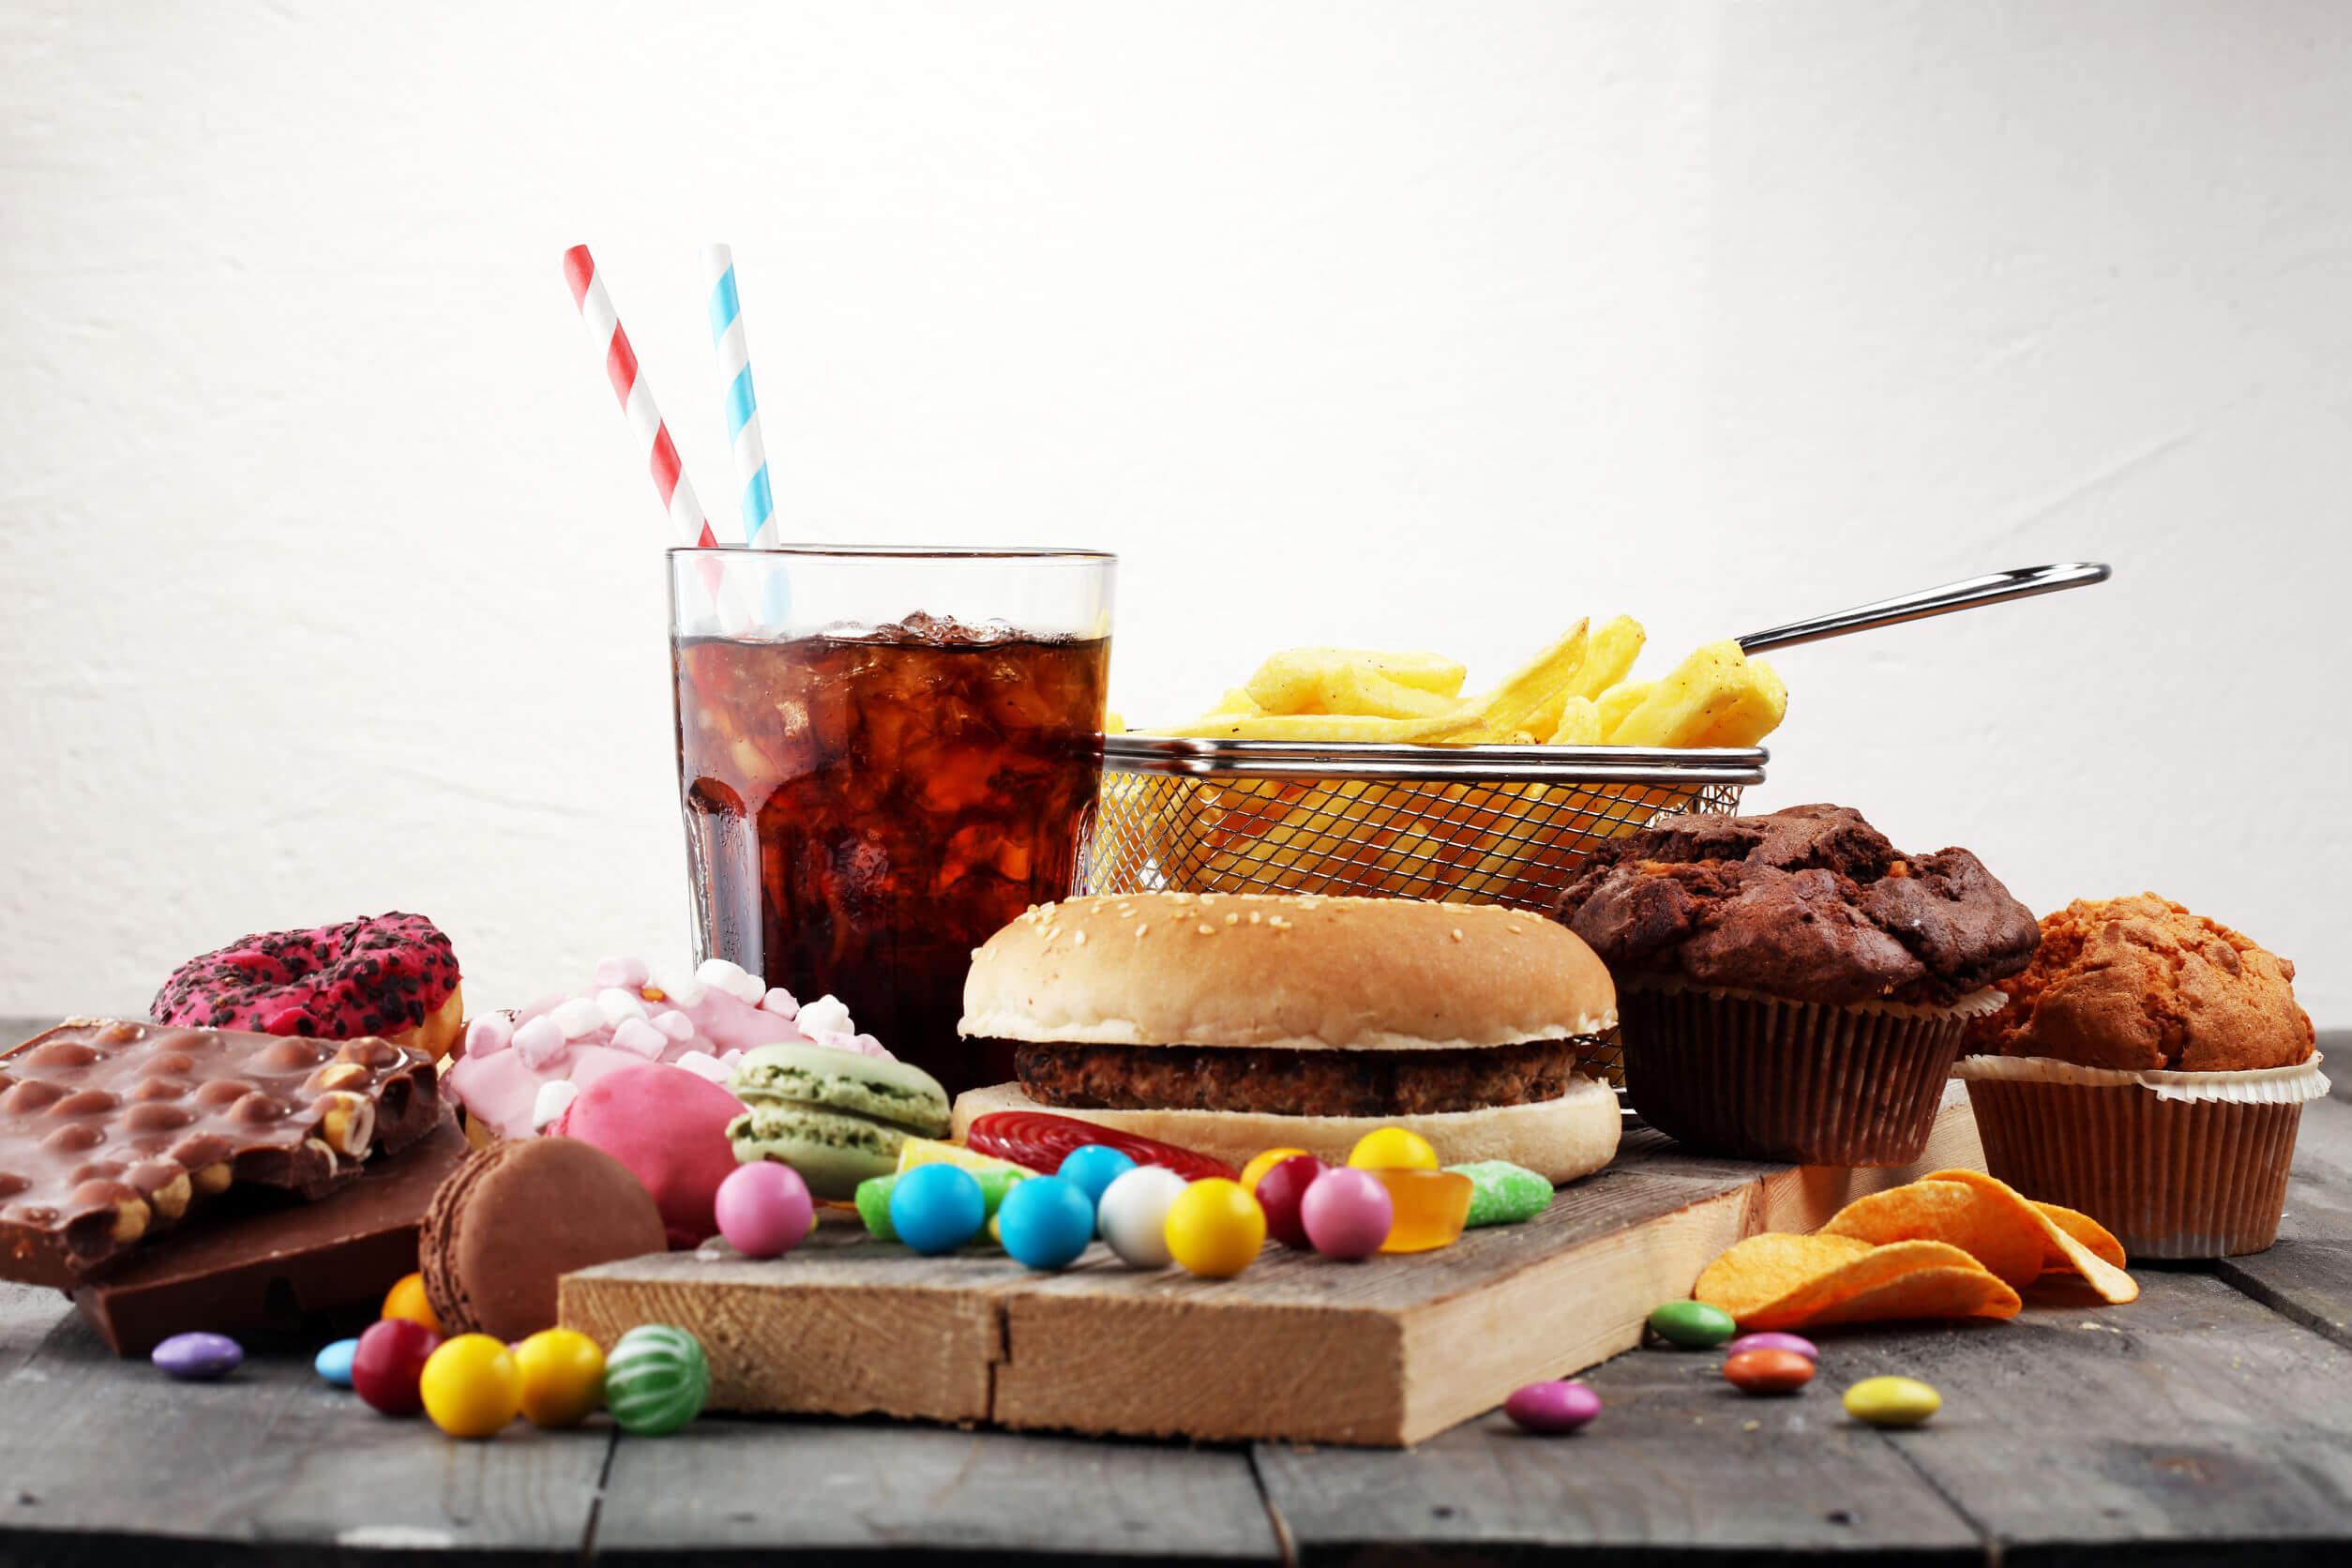 Il cibo altamente appetibile ci induce a mangiare oltre il livello di sazietà-